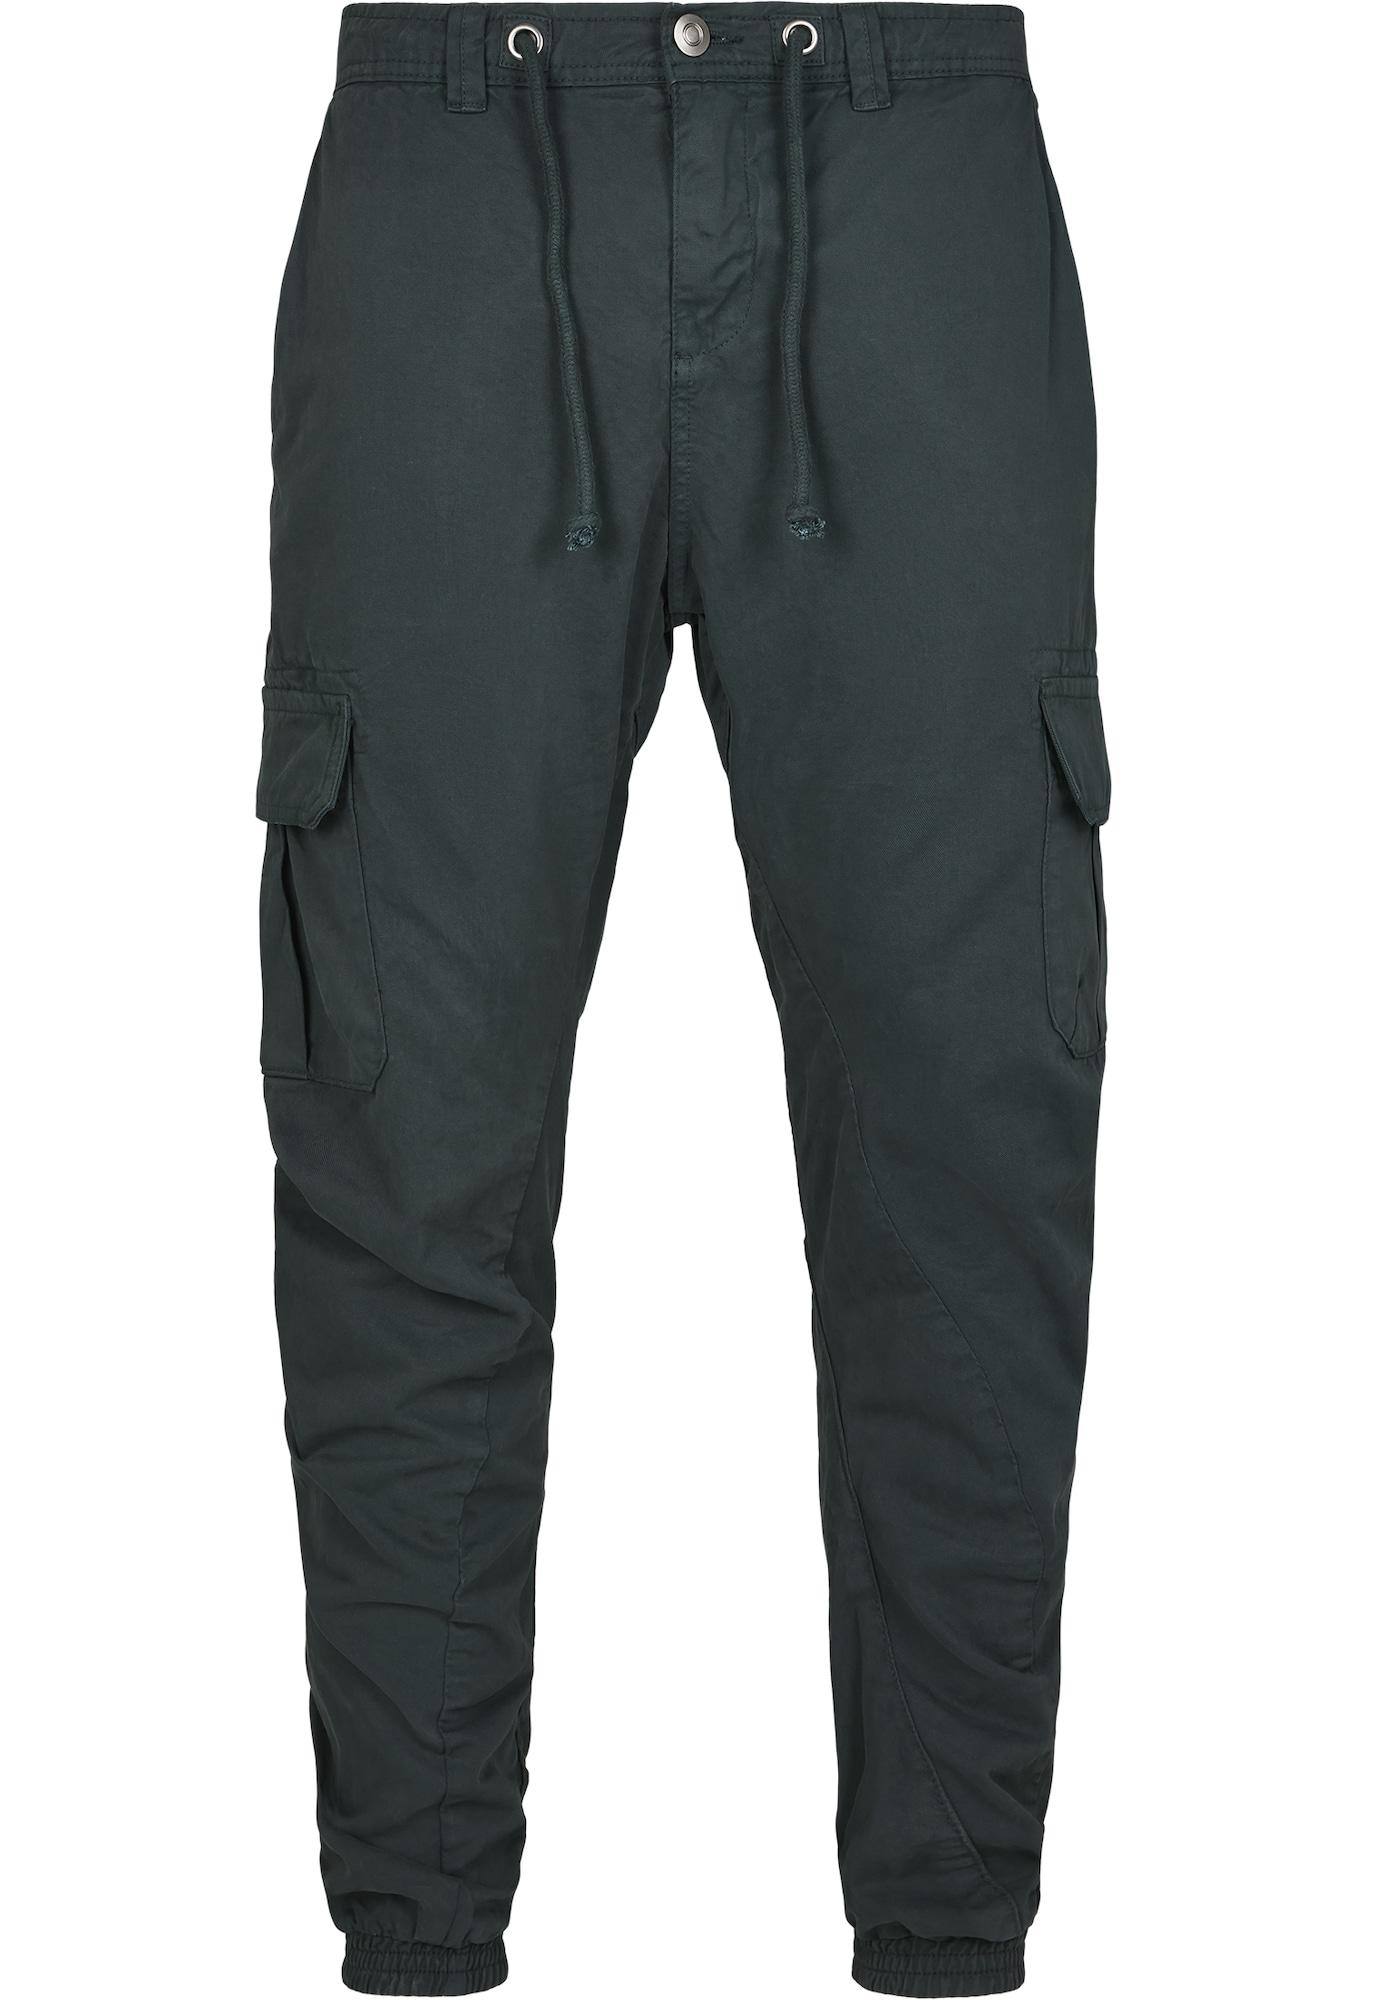 Urban Classics Laisvo stiliaus kelnės smaragdinė spalva